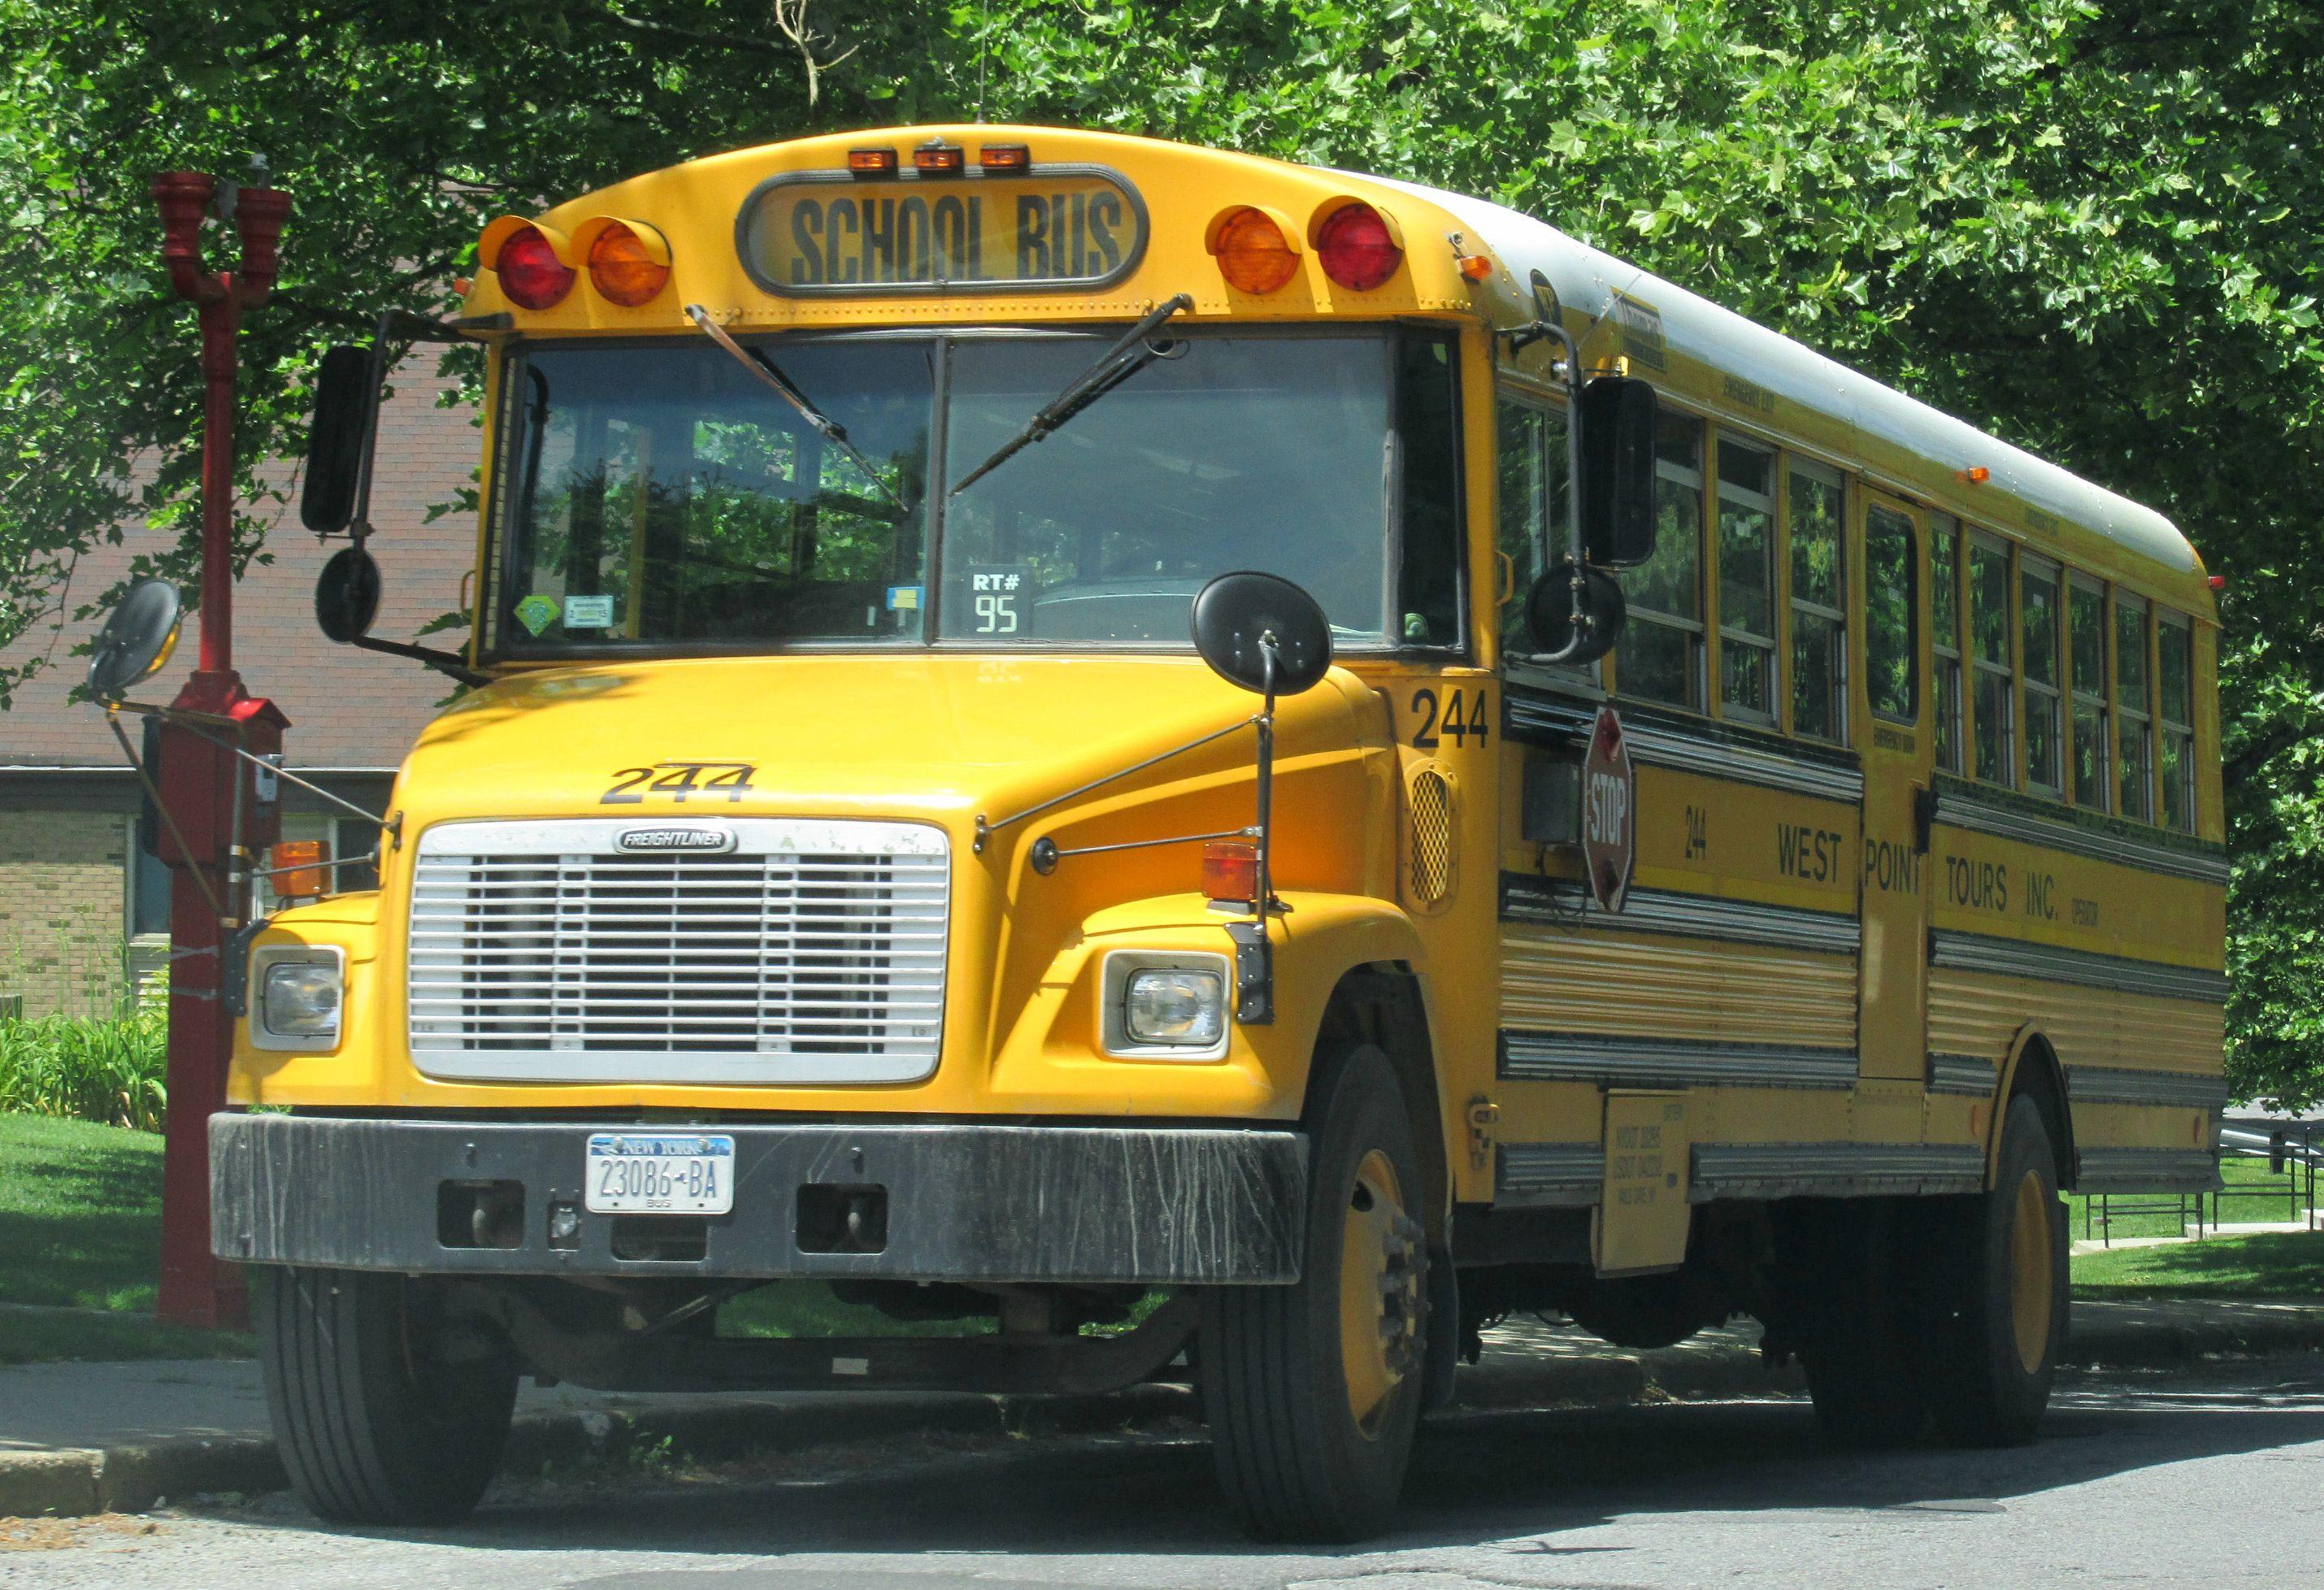 West Point Tours School Bus